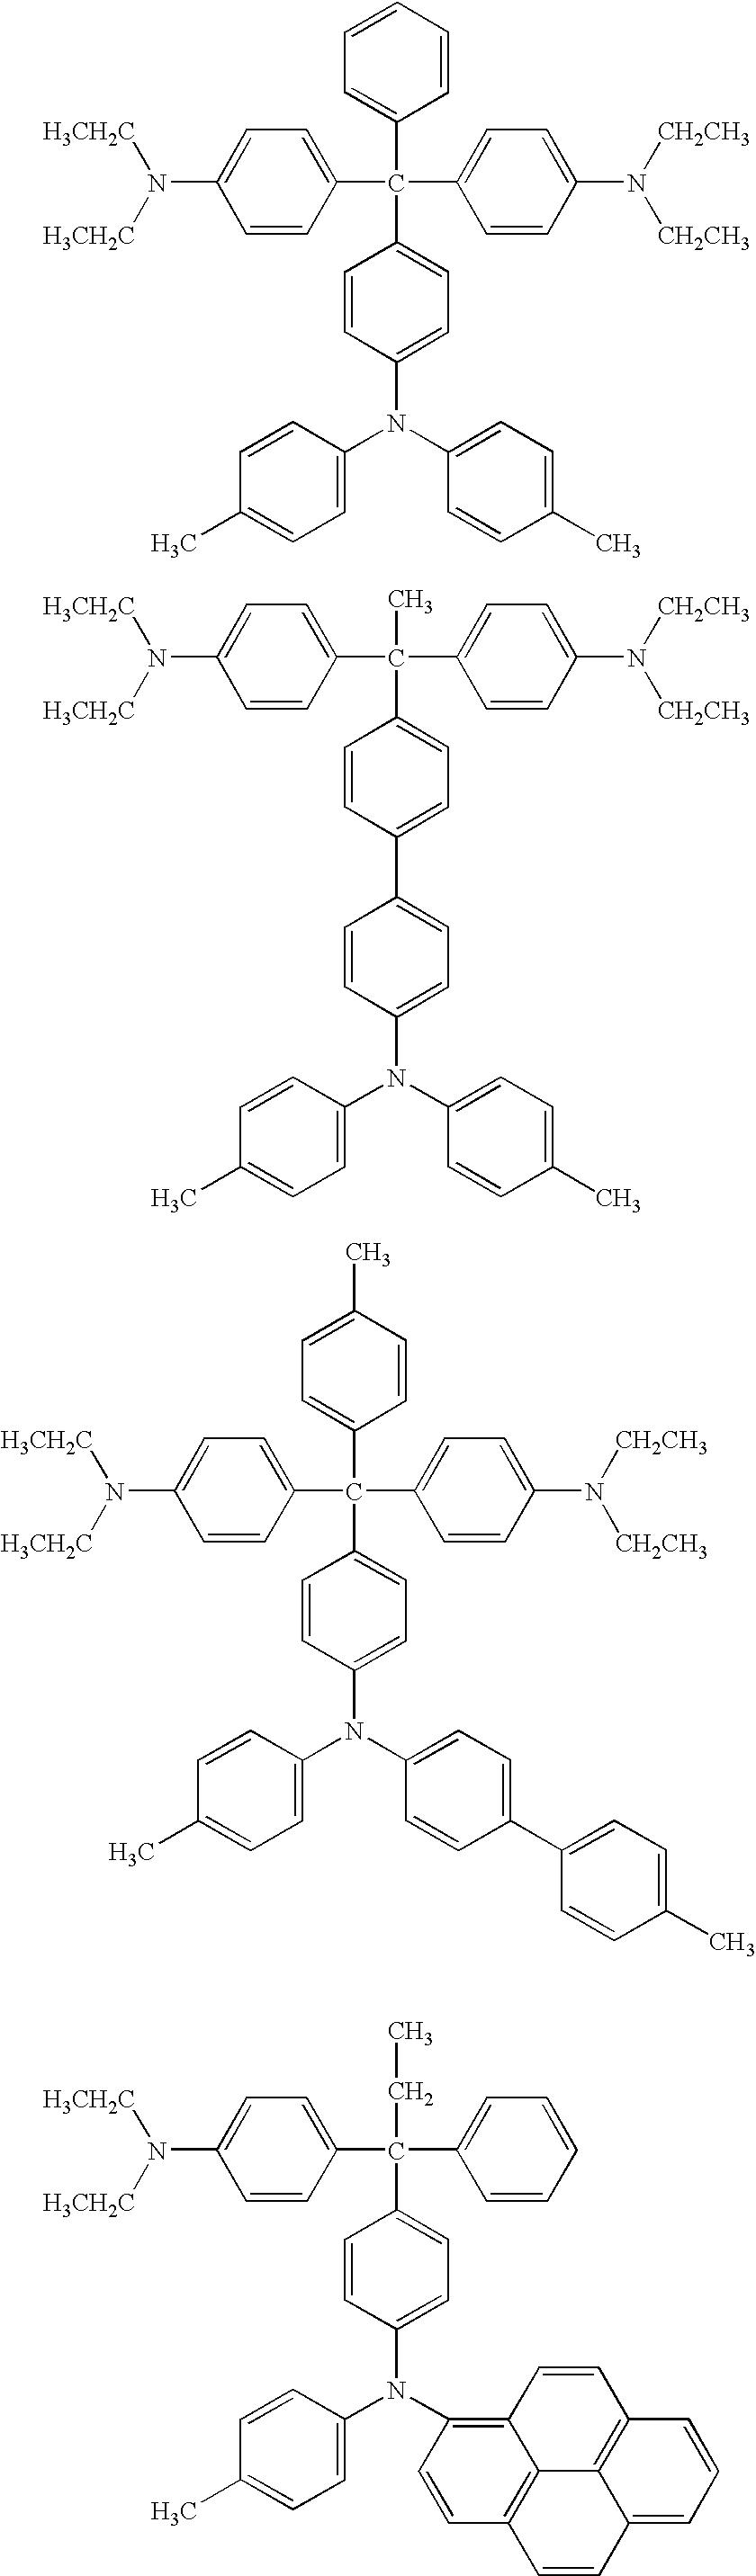 Figure US06861188-20050301-C00230